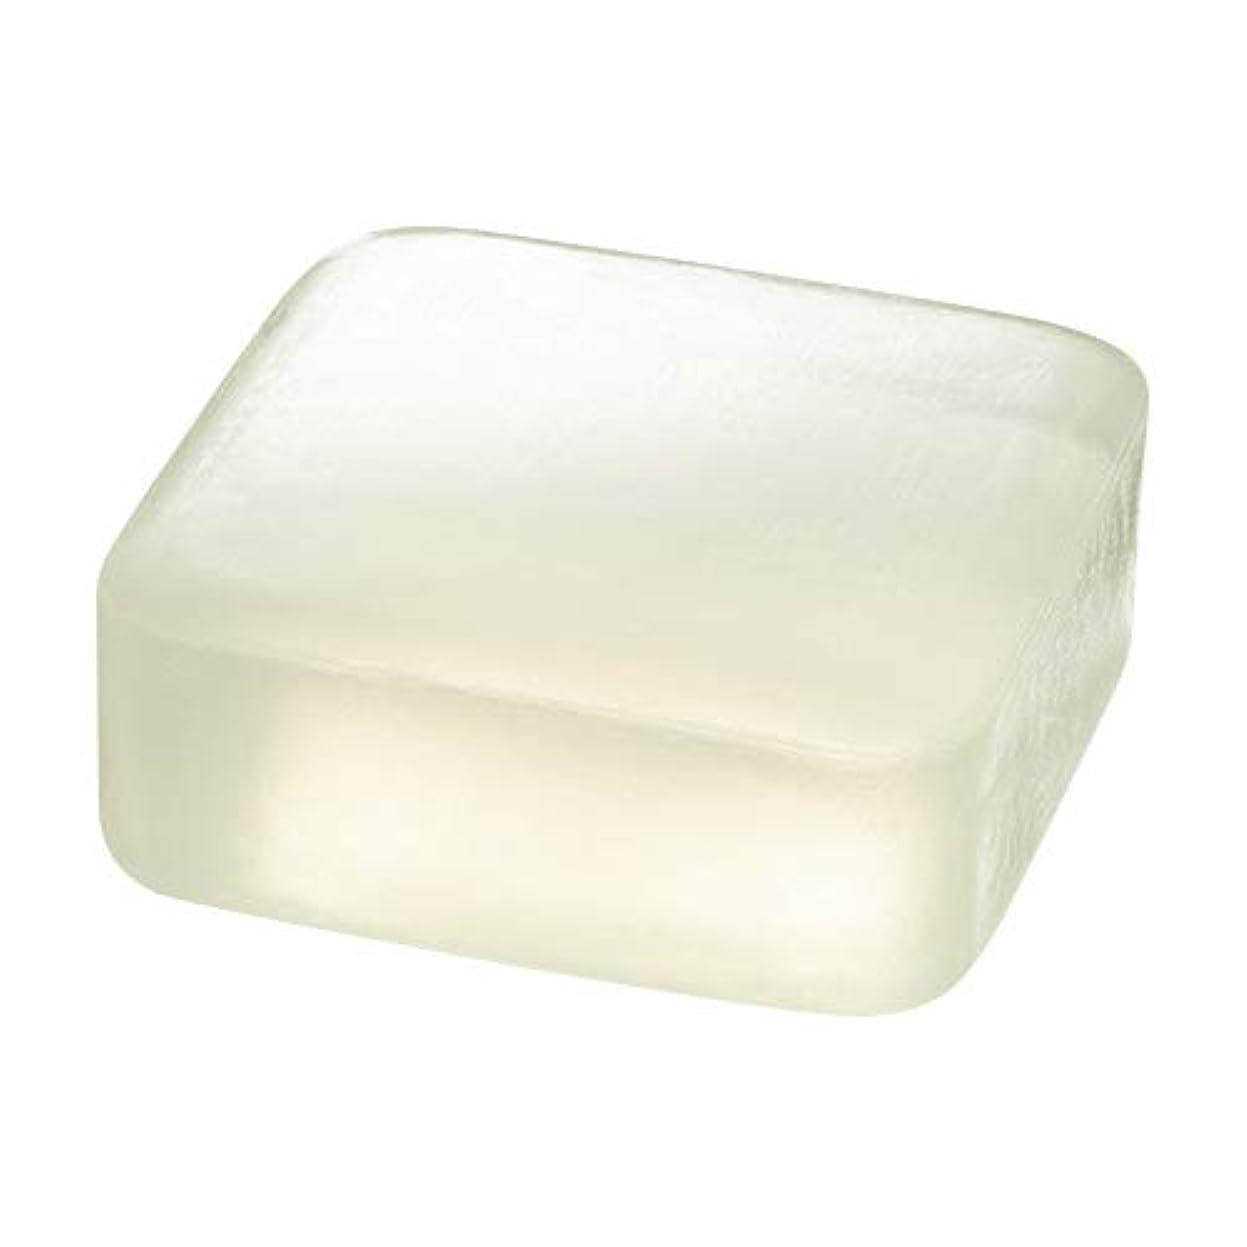 責上にパパETVOS(エトヴォス) 洗顔せっけん クリアソープバー 80g 透明枠練り石鹸 セラミド 濃密泡 毛穴汚れ/黒ずみ